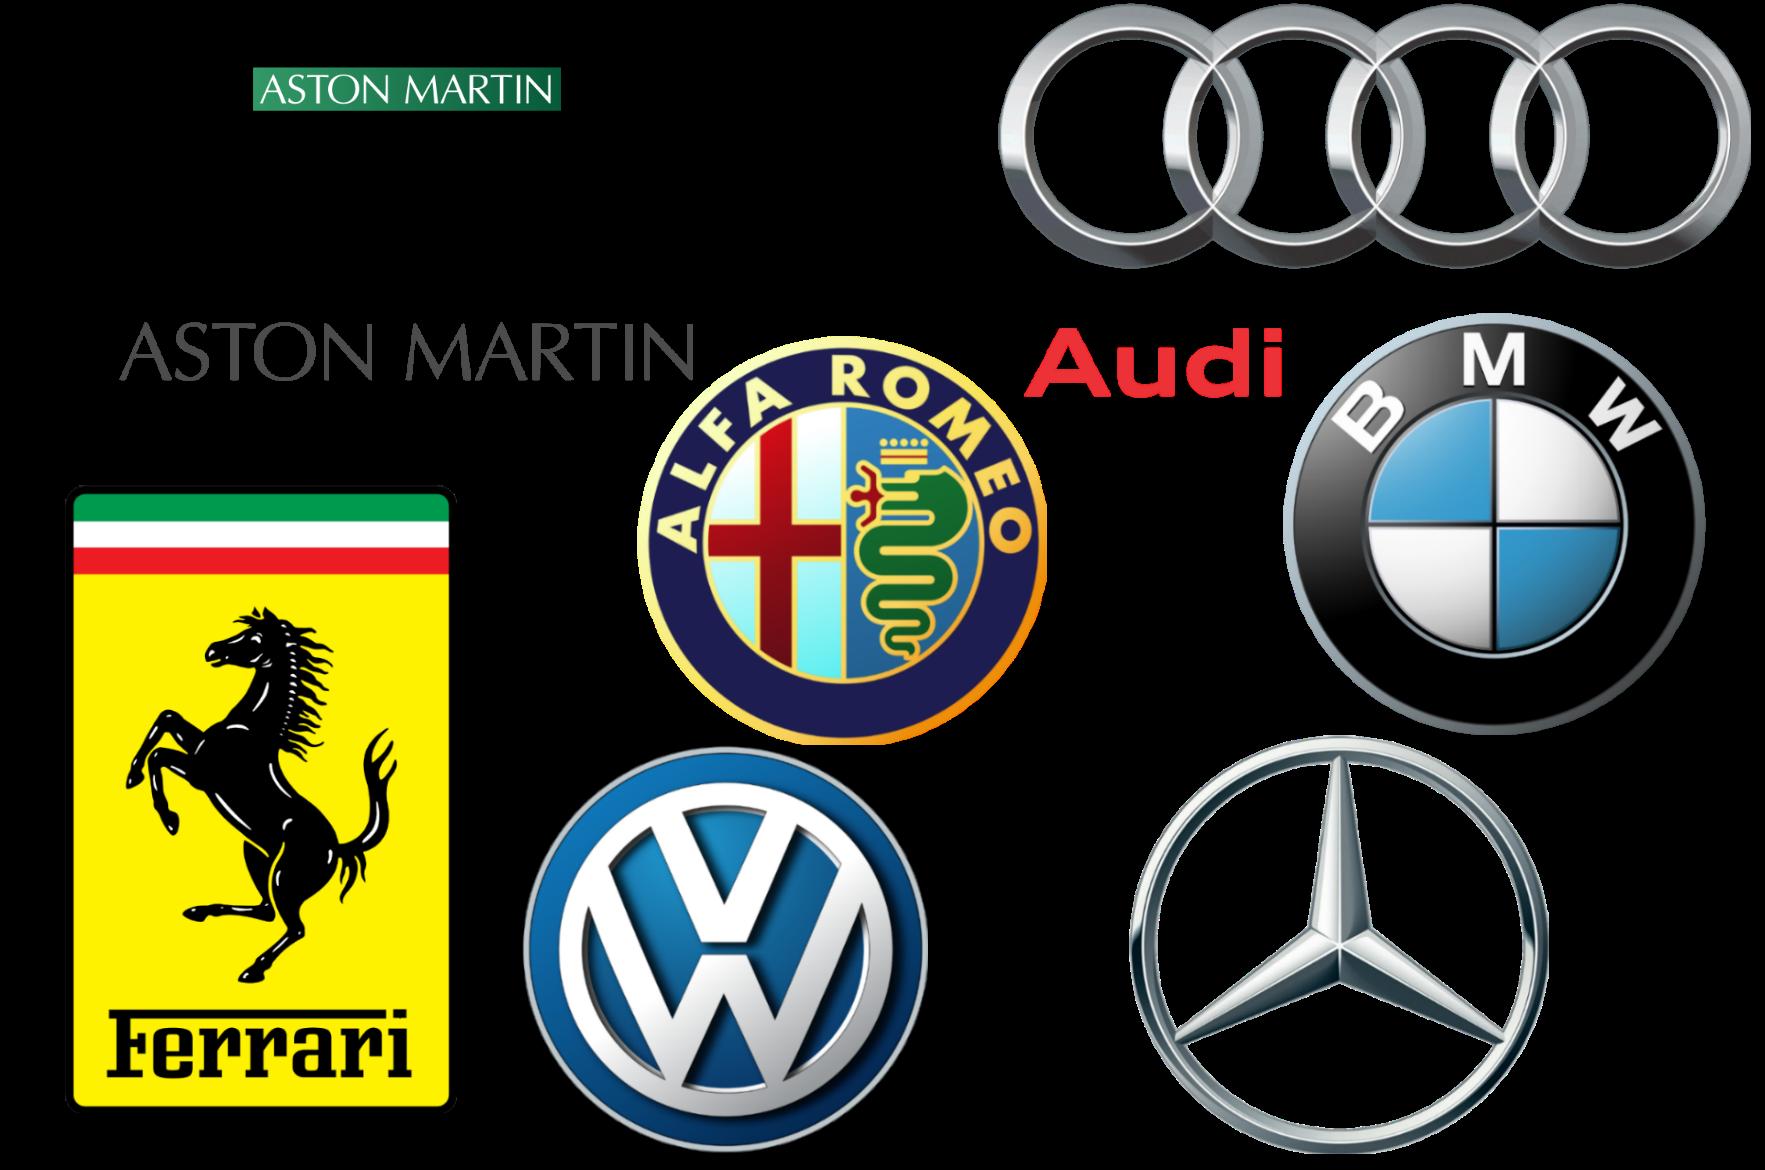 european car company logo European cars, Car brands